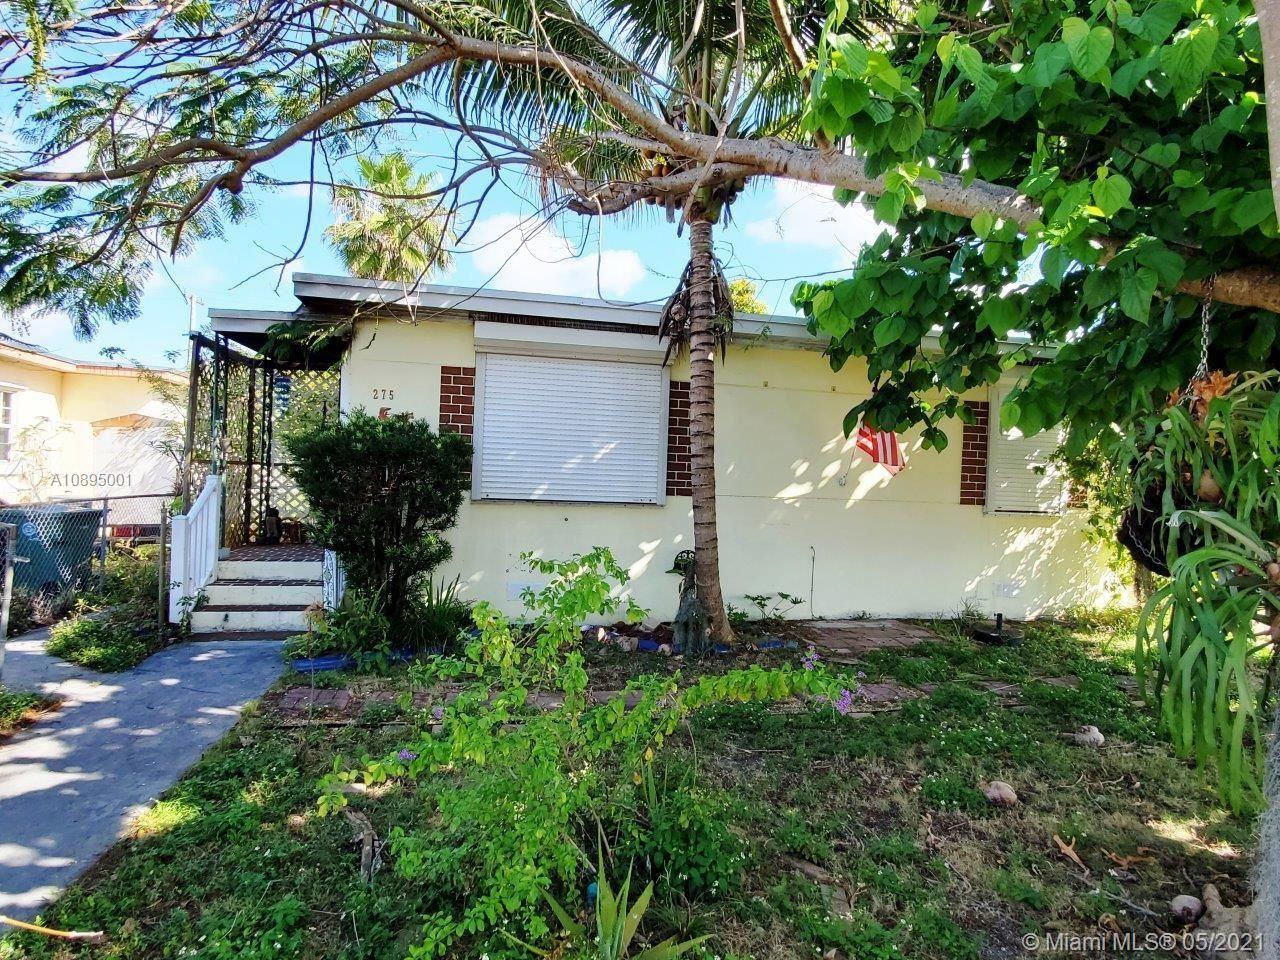 275 E 45th St, Hialeah, FL 33013 - #: A10895001